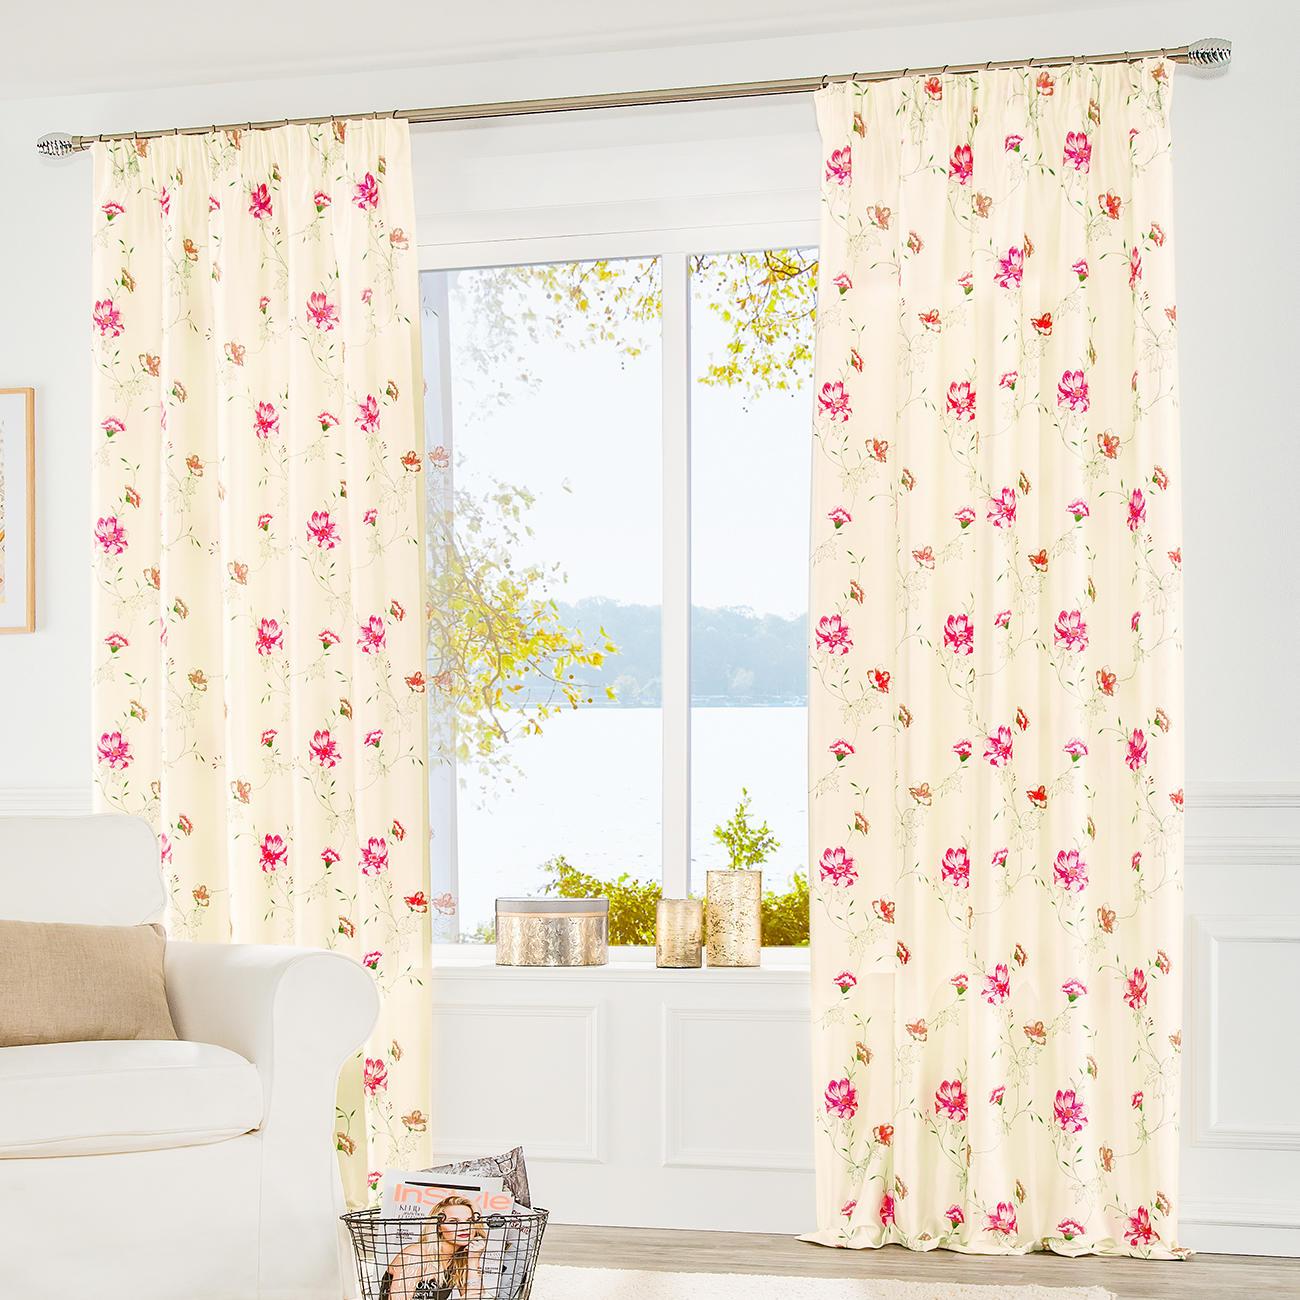 vorhang violet 1 vorhang vorh nge online kaufen. Black Bedroom Furniture Sets. Home Design Ideas